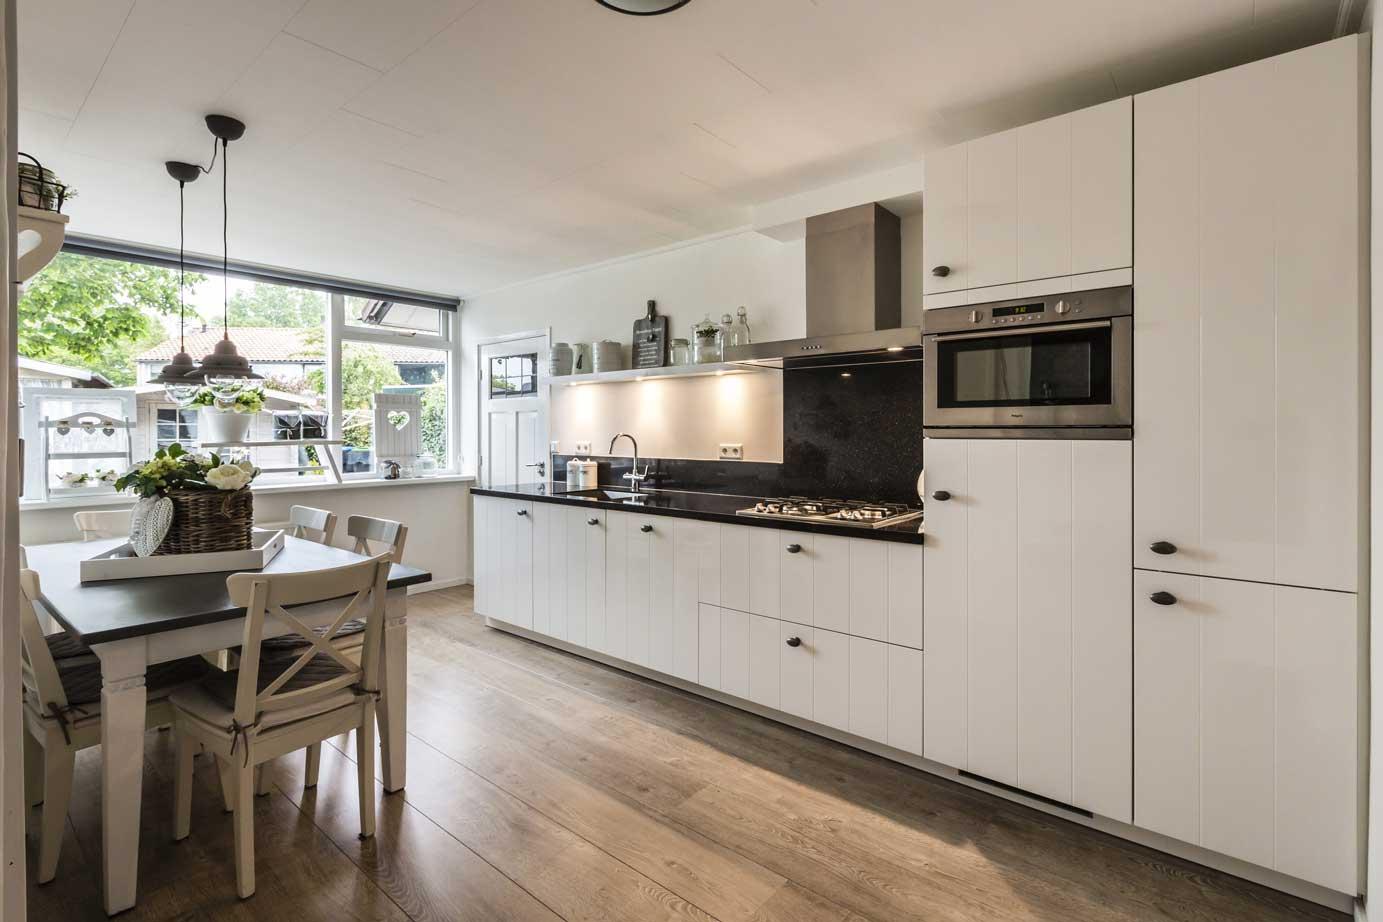 Home Center Keuken Ontwerpen : Meer licht Meer licht en ruimte in de keuken? Lees tips